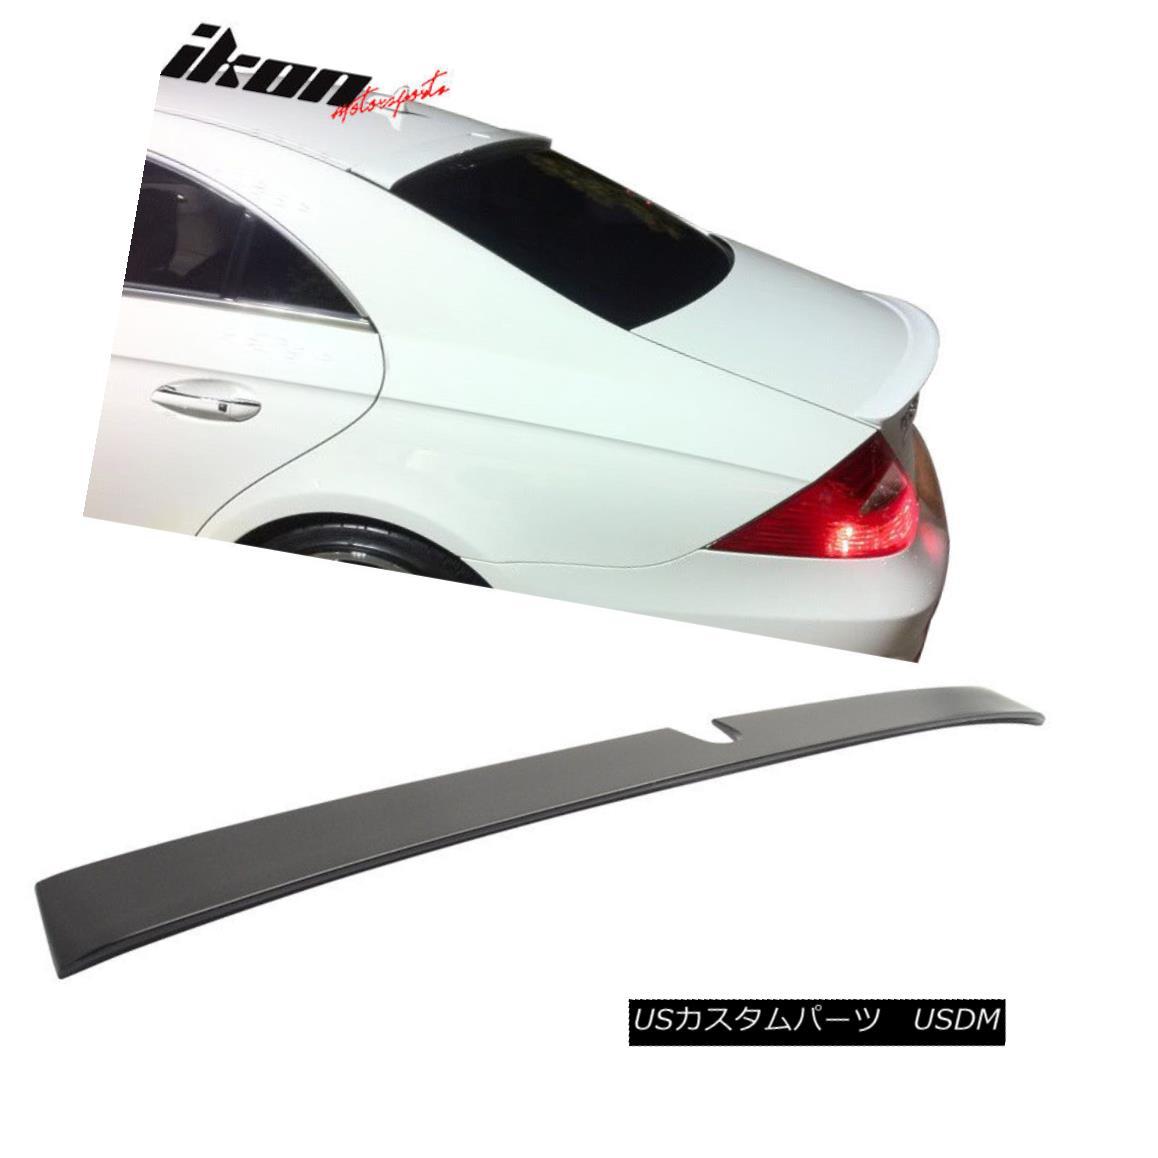 エアロパーツ Fits 05-10 Benz W219 CLS-Class Sedan Unpainted ABS Rear Roof Spoiler Wing フィット05-10ベンツW219 CLSクラスセダン未塗装ABSリアルーフスポイラーウイング